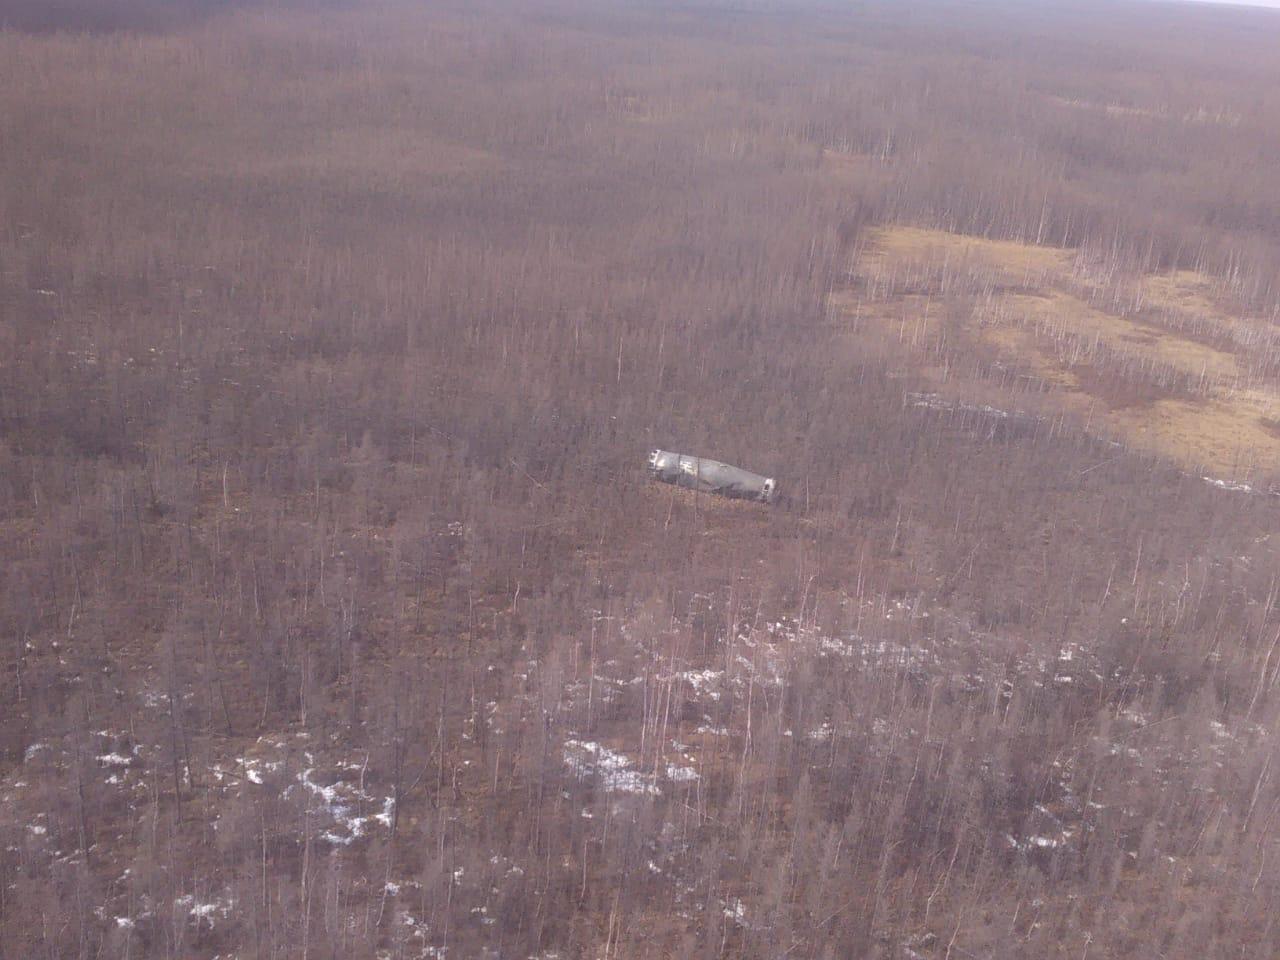 В Вилюйском улусе обнаружено семь фрагментов ракеты-носителя «Союз-2»